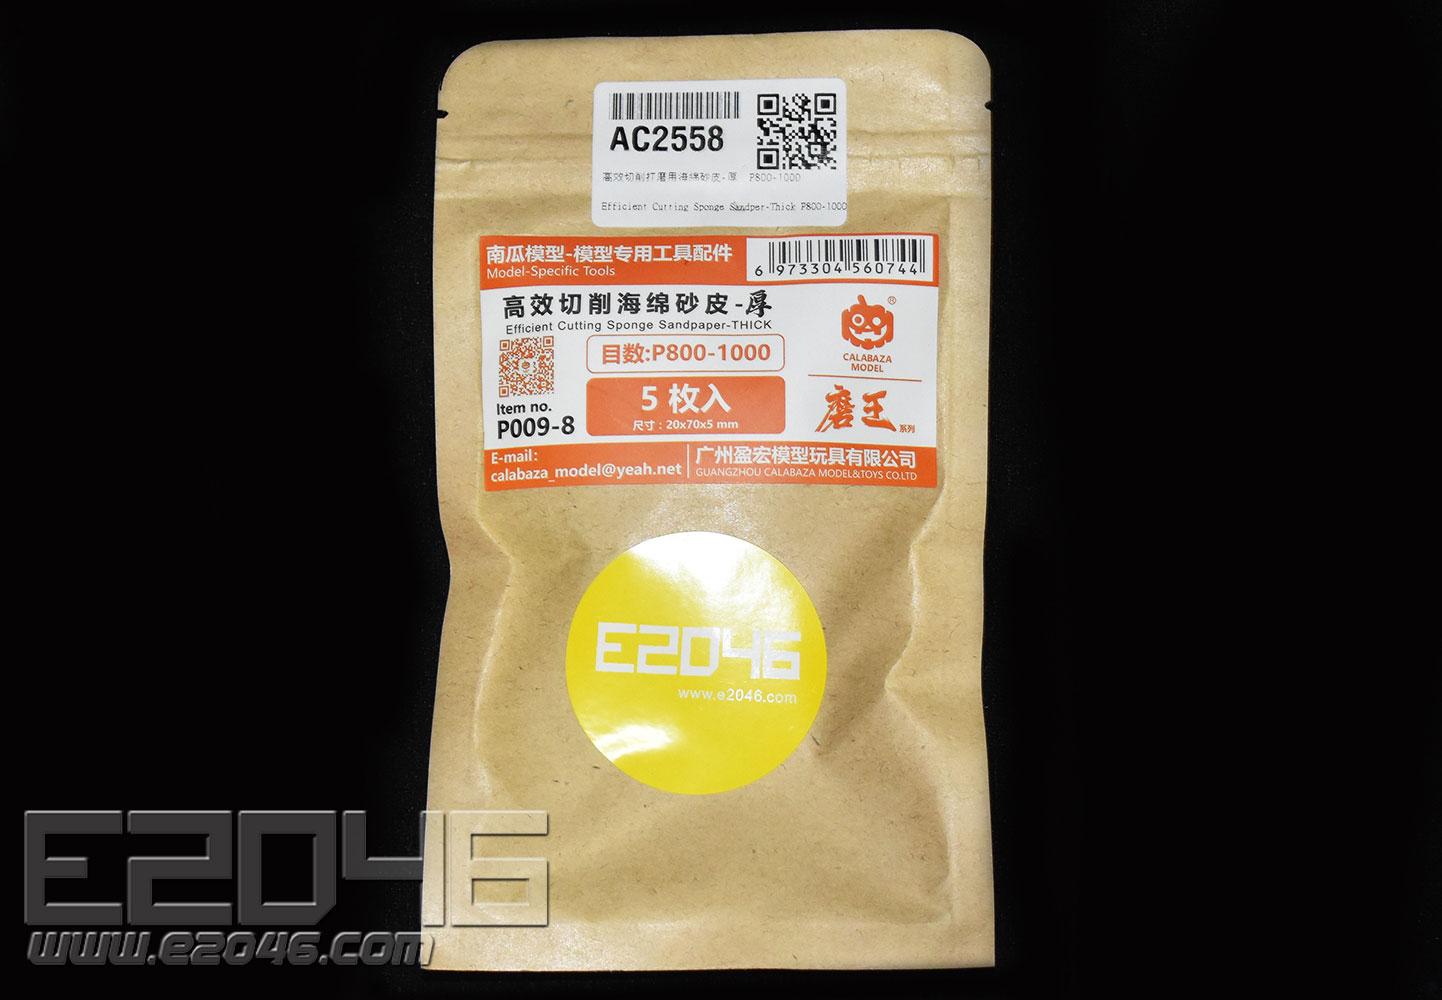 高效切削打磨用海綿砂皮 P800-1000*5